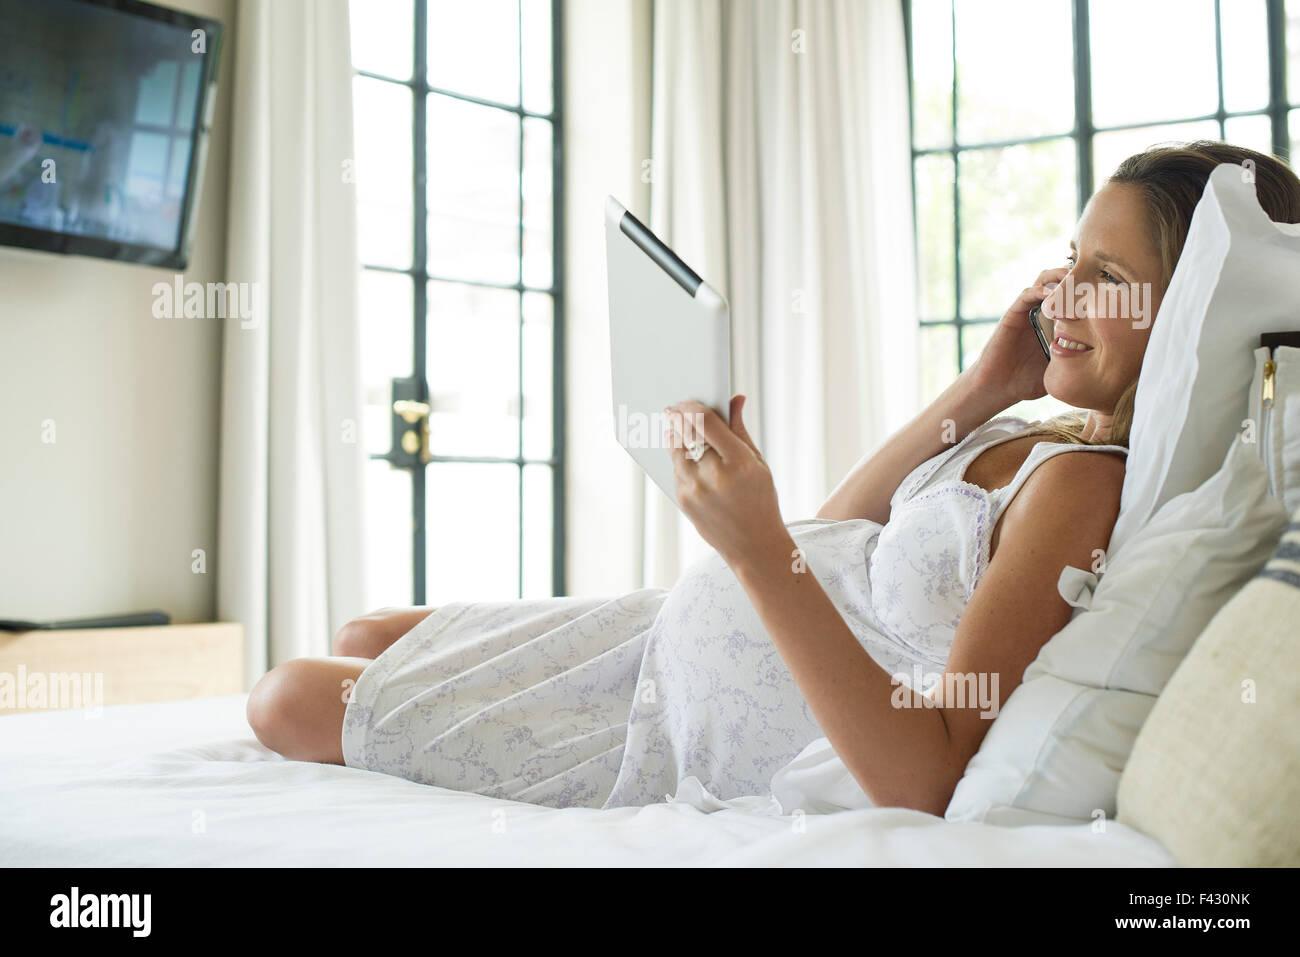 Donna incinta relax nel letto, utilizzando tavoletta digitale e chattare su telefono cellulare Immagini Stock